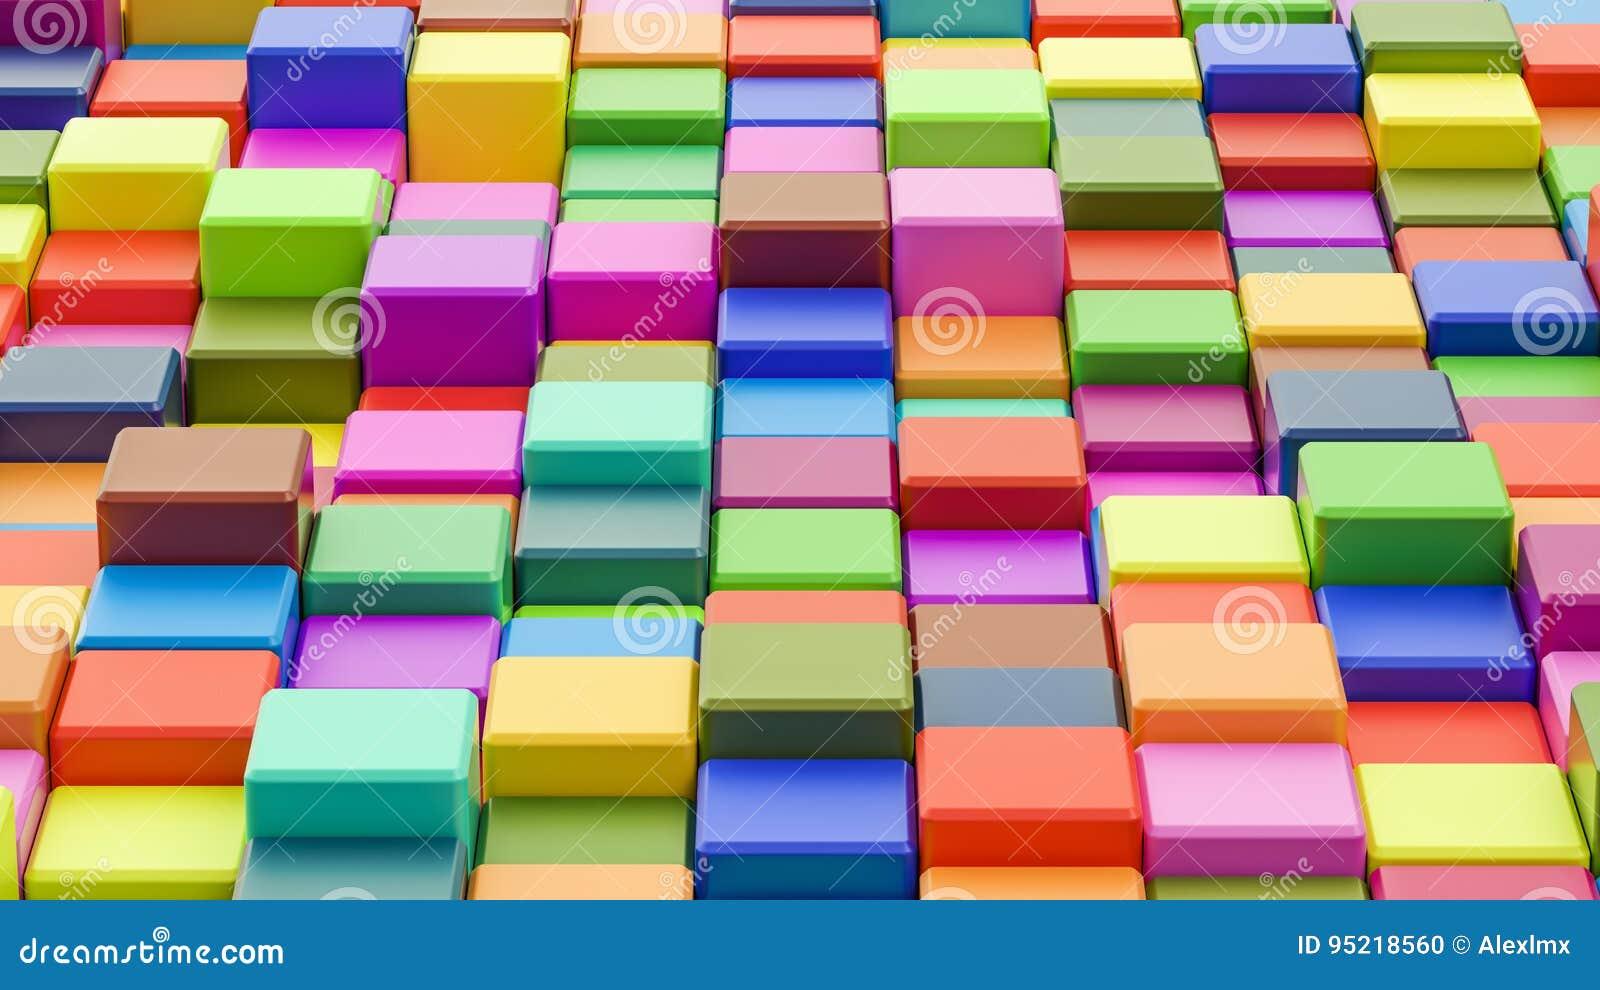 Fondo colorido abstracto de los cubos en 8K la resolución, 3D